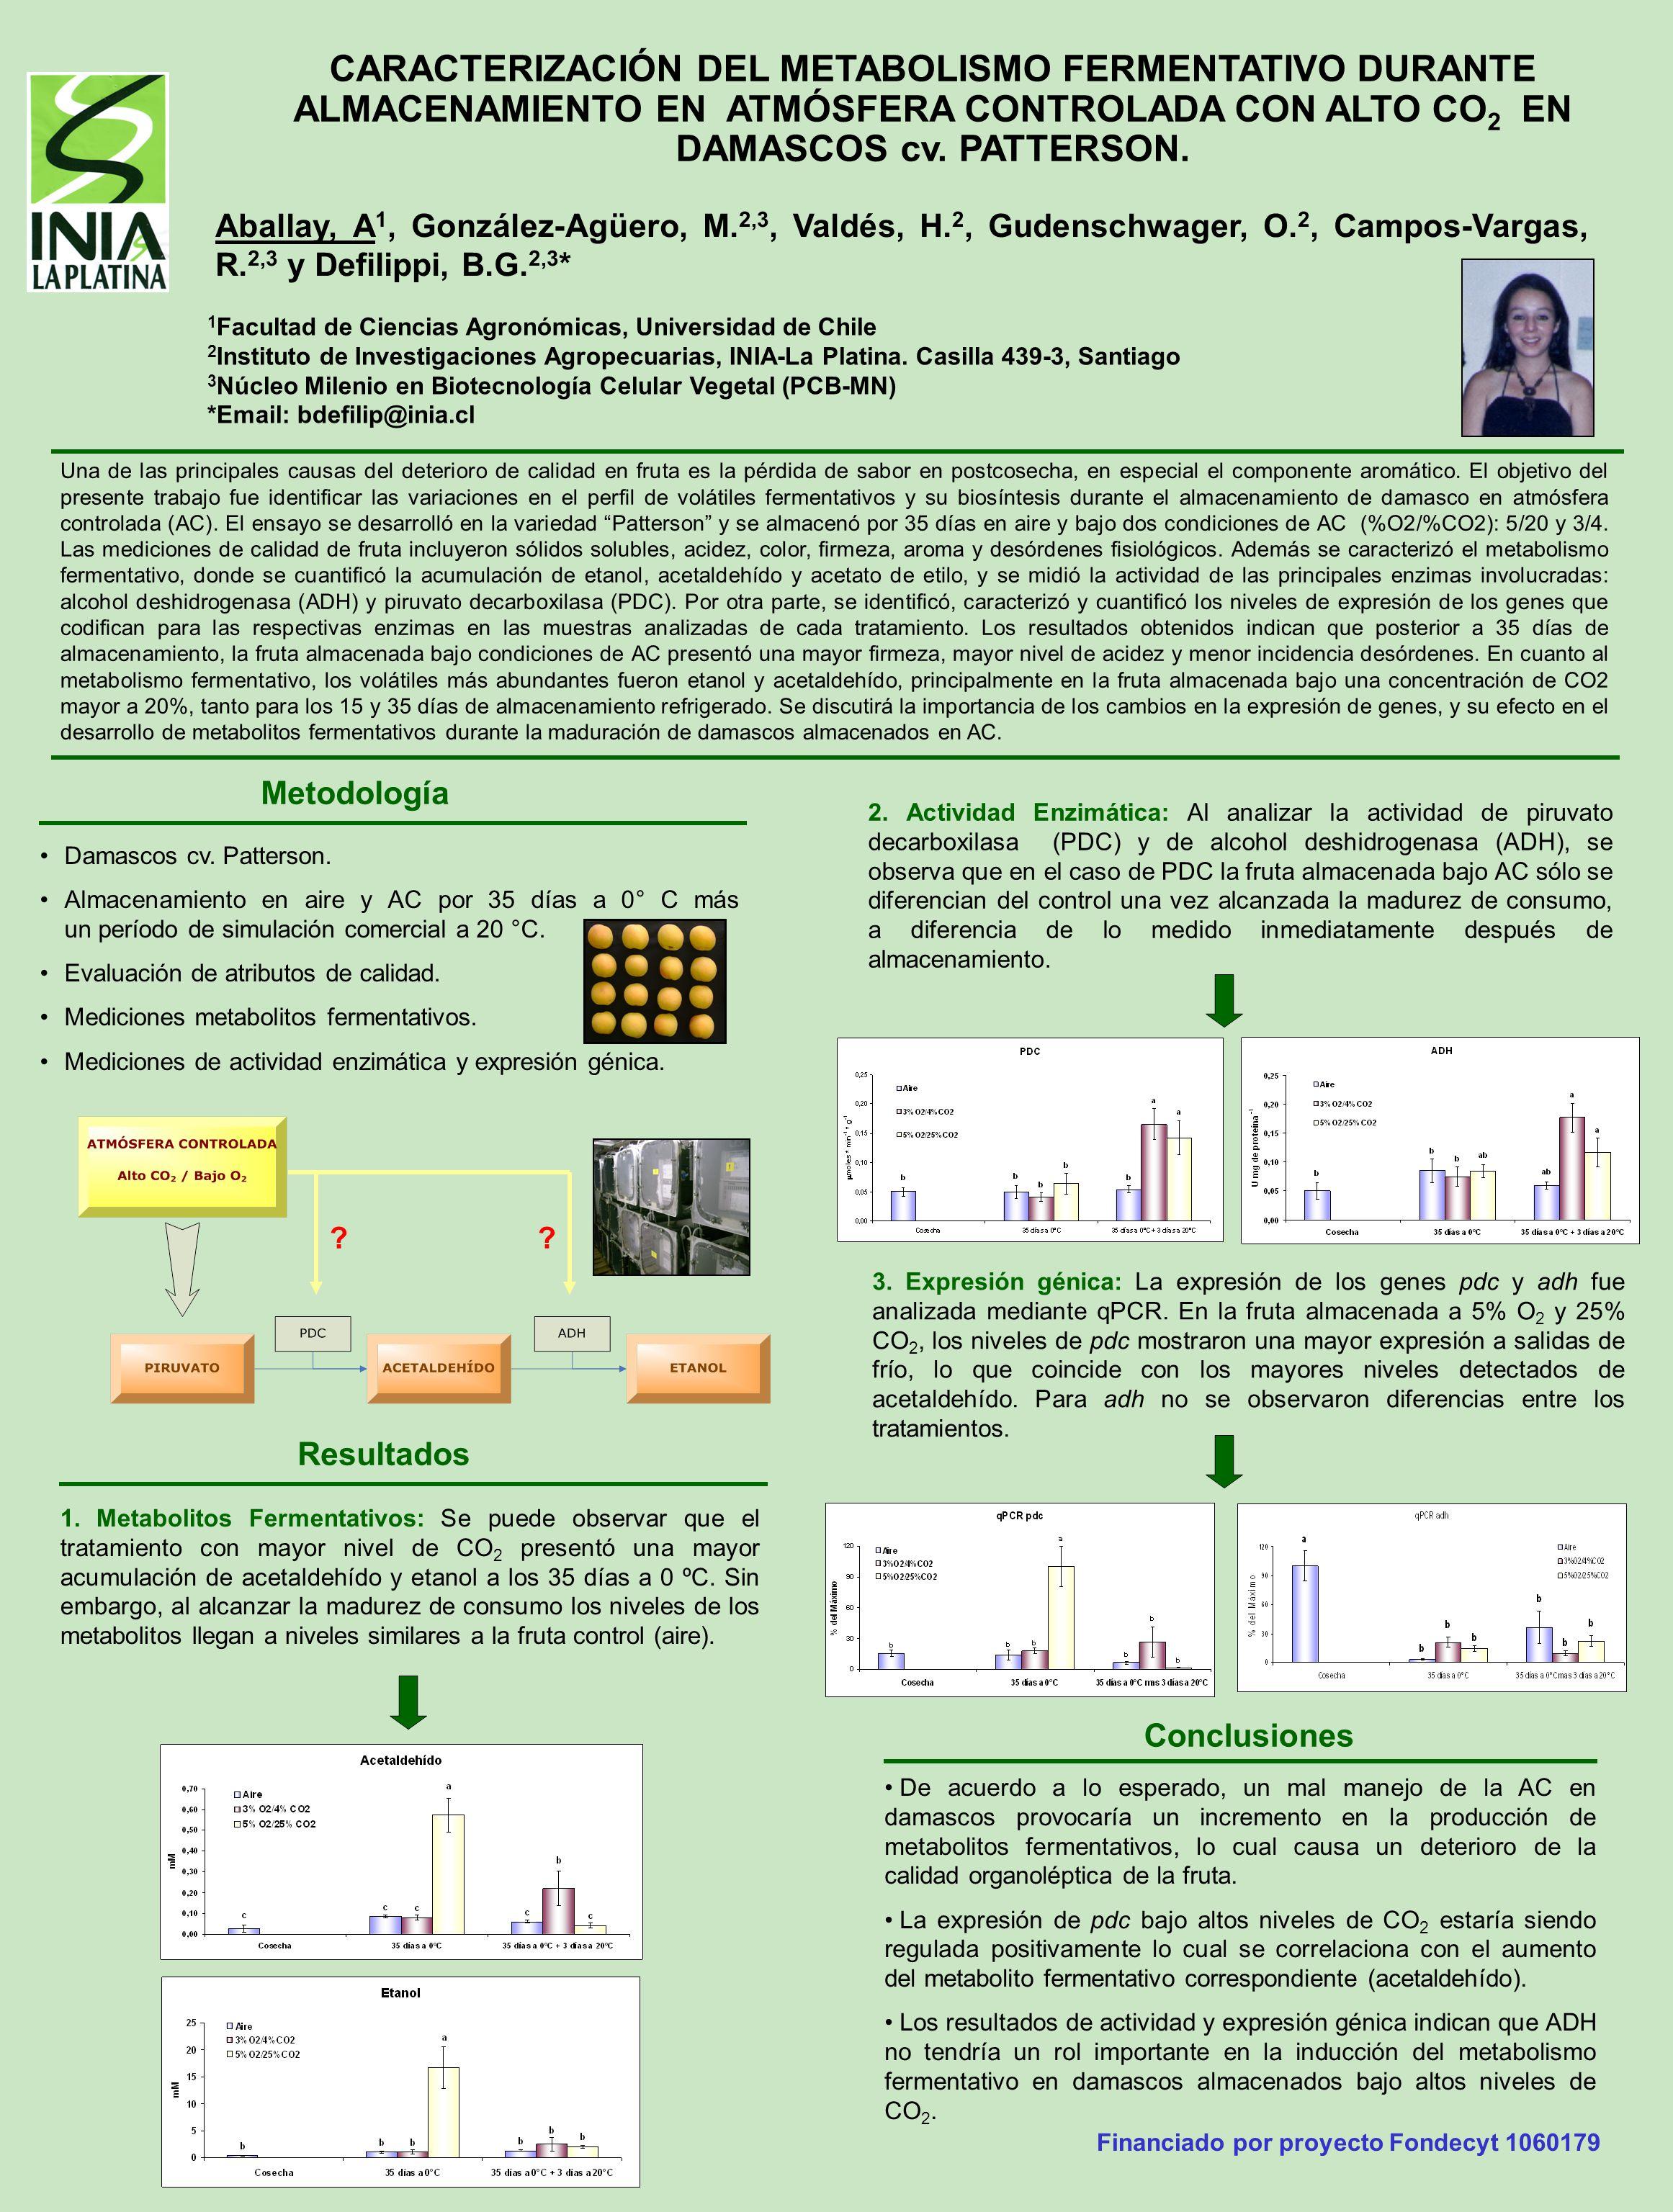 CARACTERIZACIÓN DEL METABOLISMO FERMENTATIVO DURANTE ALMACENAMIENTO EN ATMÓSFERA CONTROLADA CON ALTO CO2 EN DAMASCOS cv. PATTERSON.